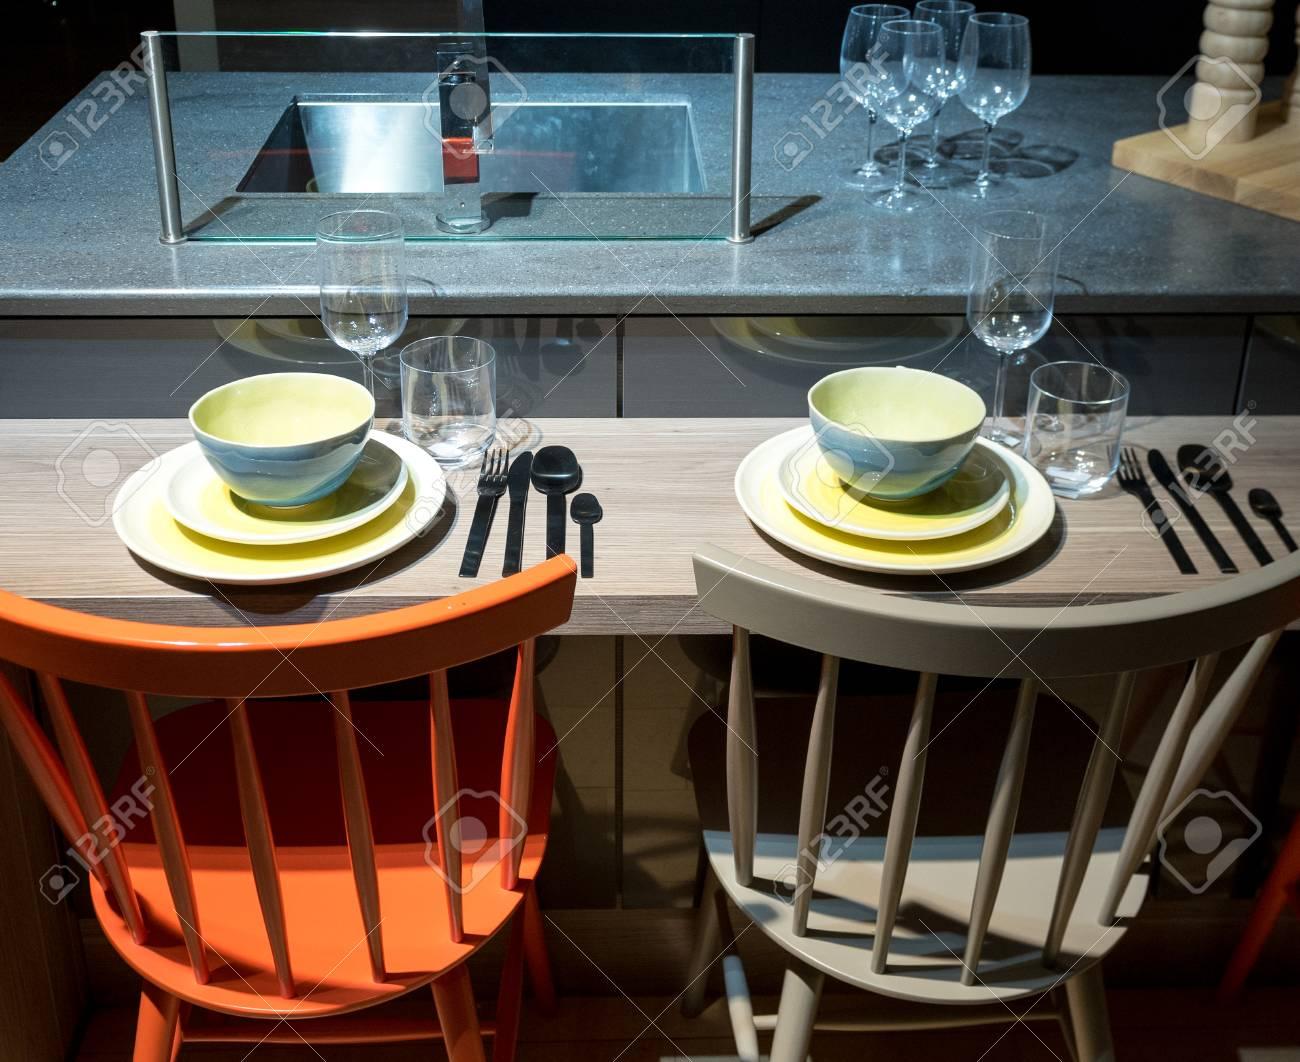 Ausgezeichnet Gekrümmte Küche Frühstück Bar Ideen Galerie - Ideen ...